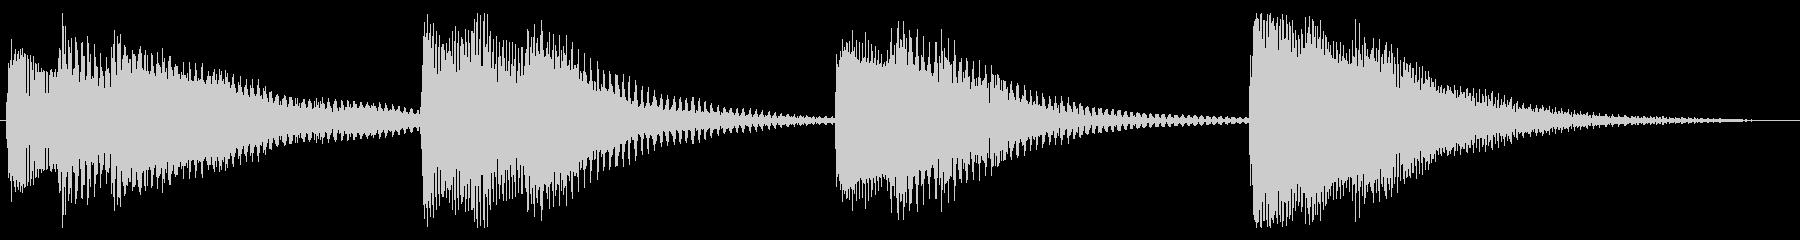 さわやかな放送お知らせチャイムの未再生の波形